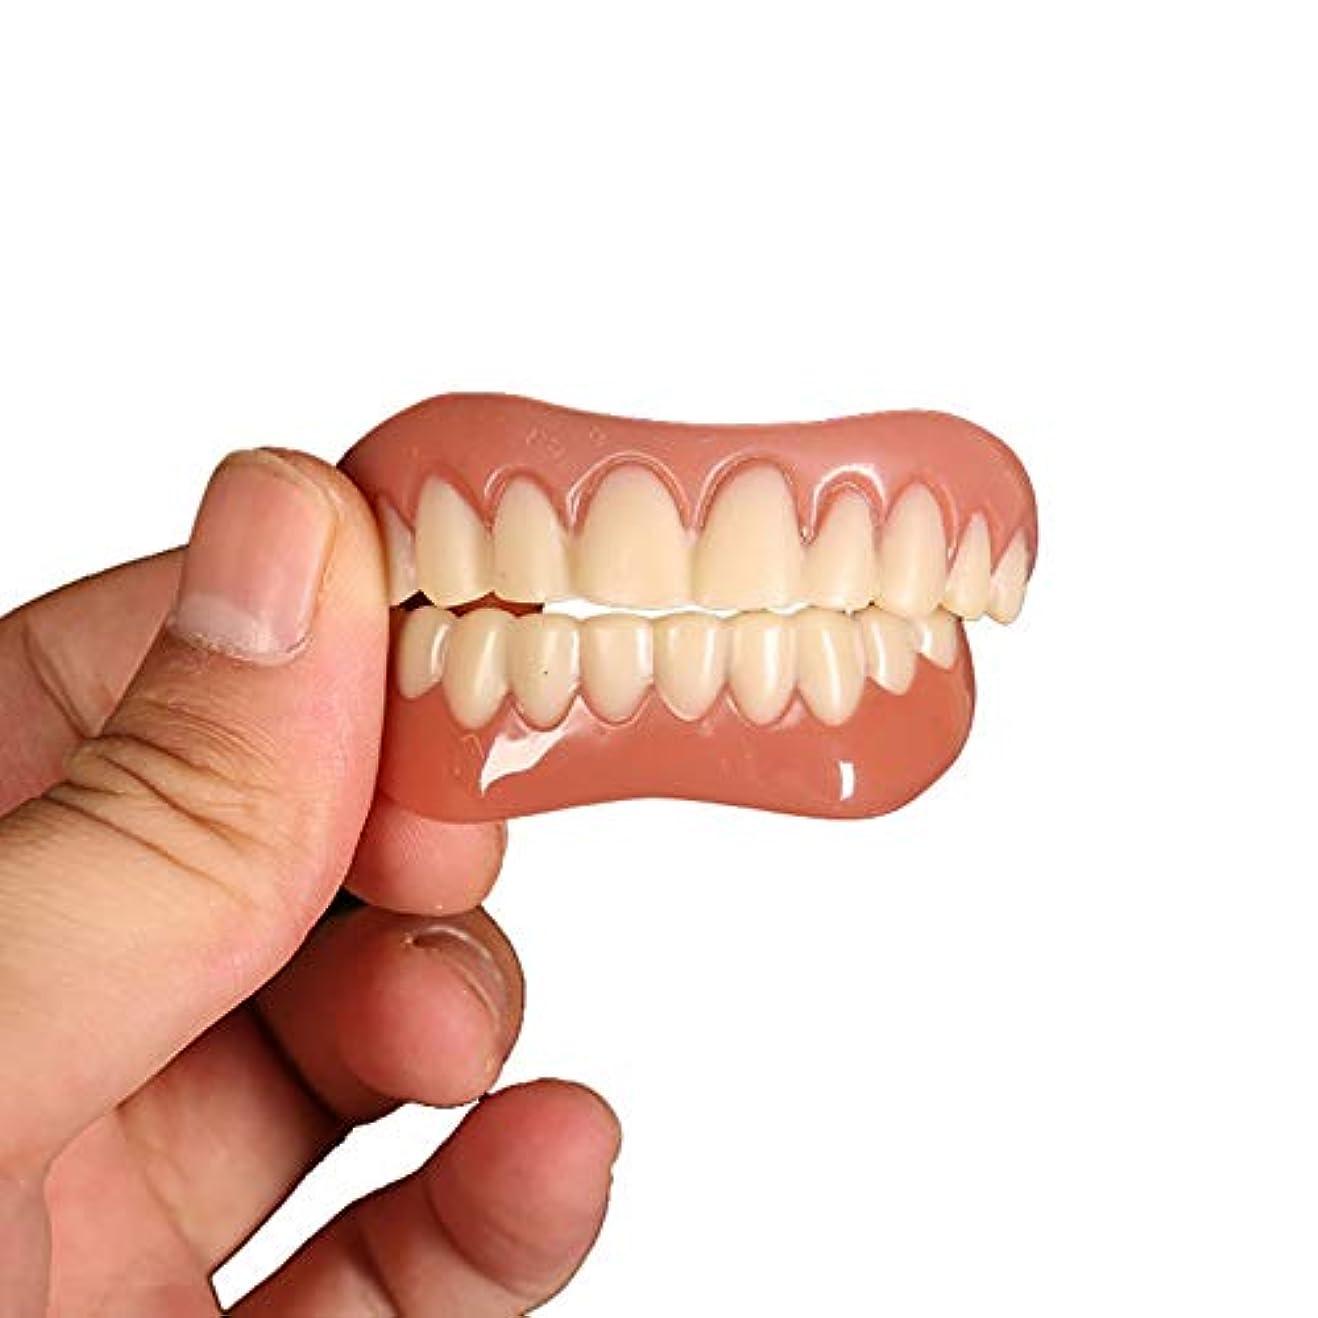 崖外出承知しました2対の歯の快適さフィットフレックス化粧品の歯義歯の歯のトップ化粧品のベニヤシミュレーションブレース新しい